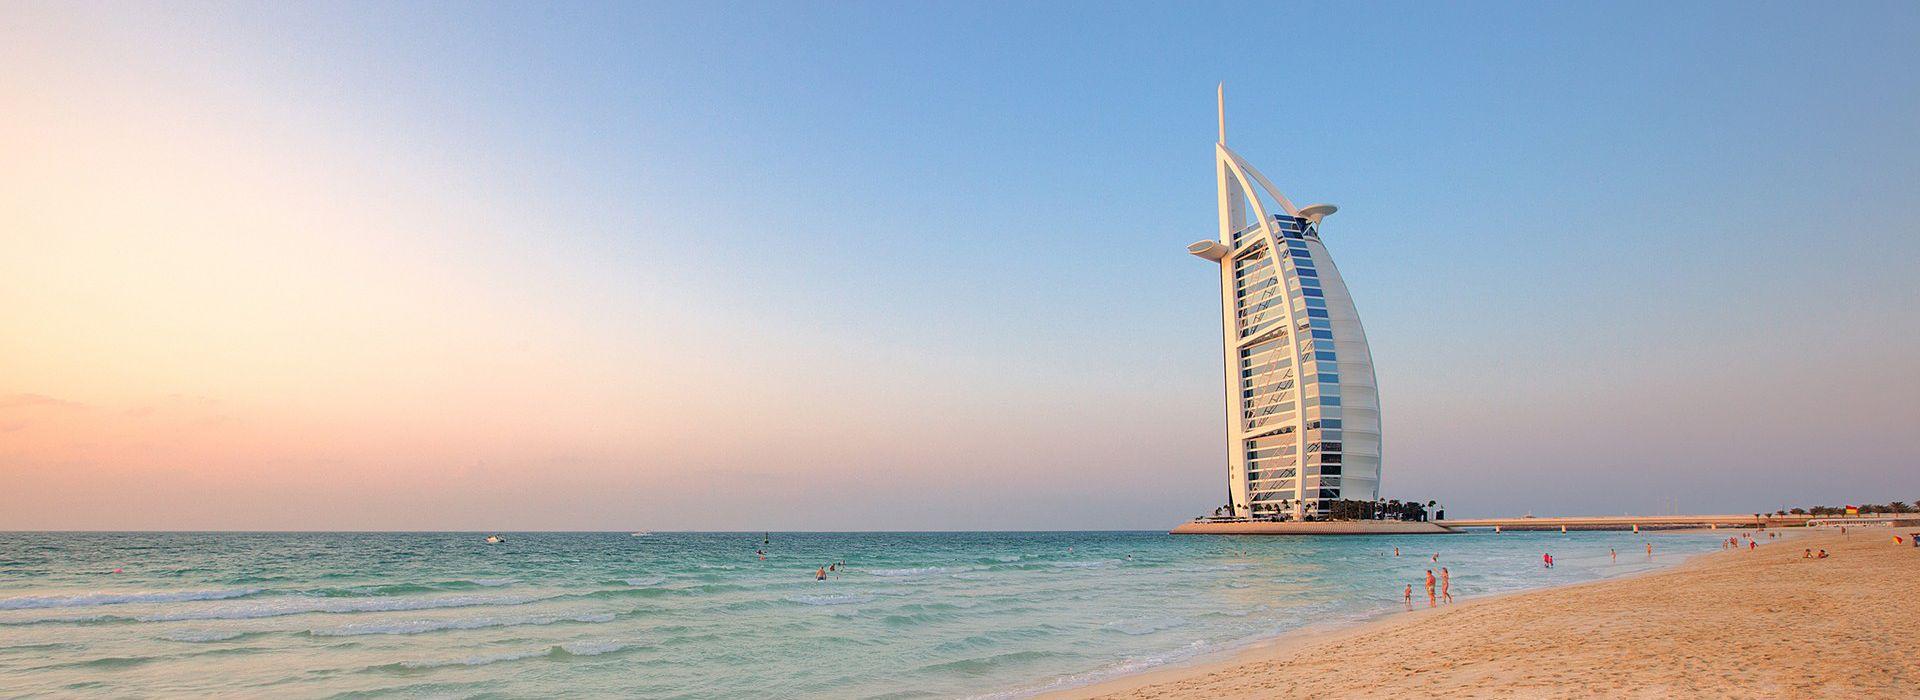 Лучшие курорты ОАЭ для отдыха с детьми